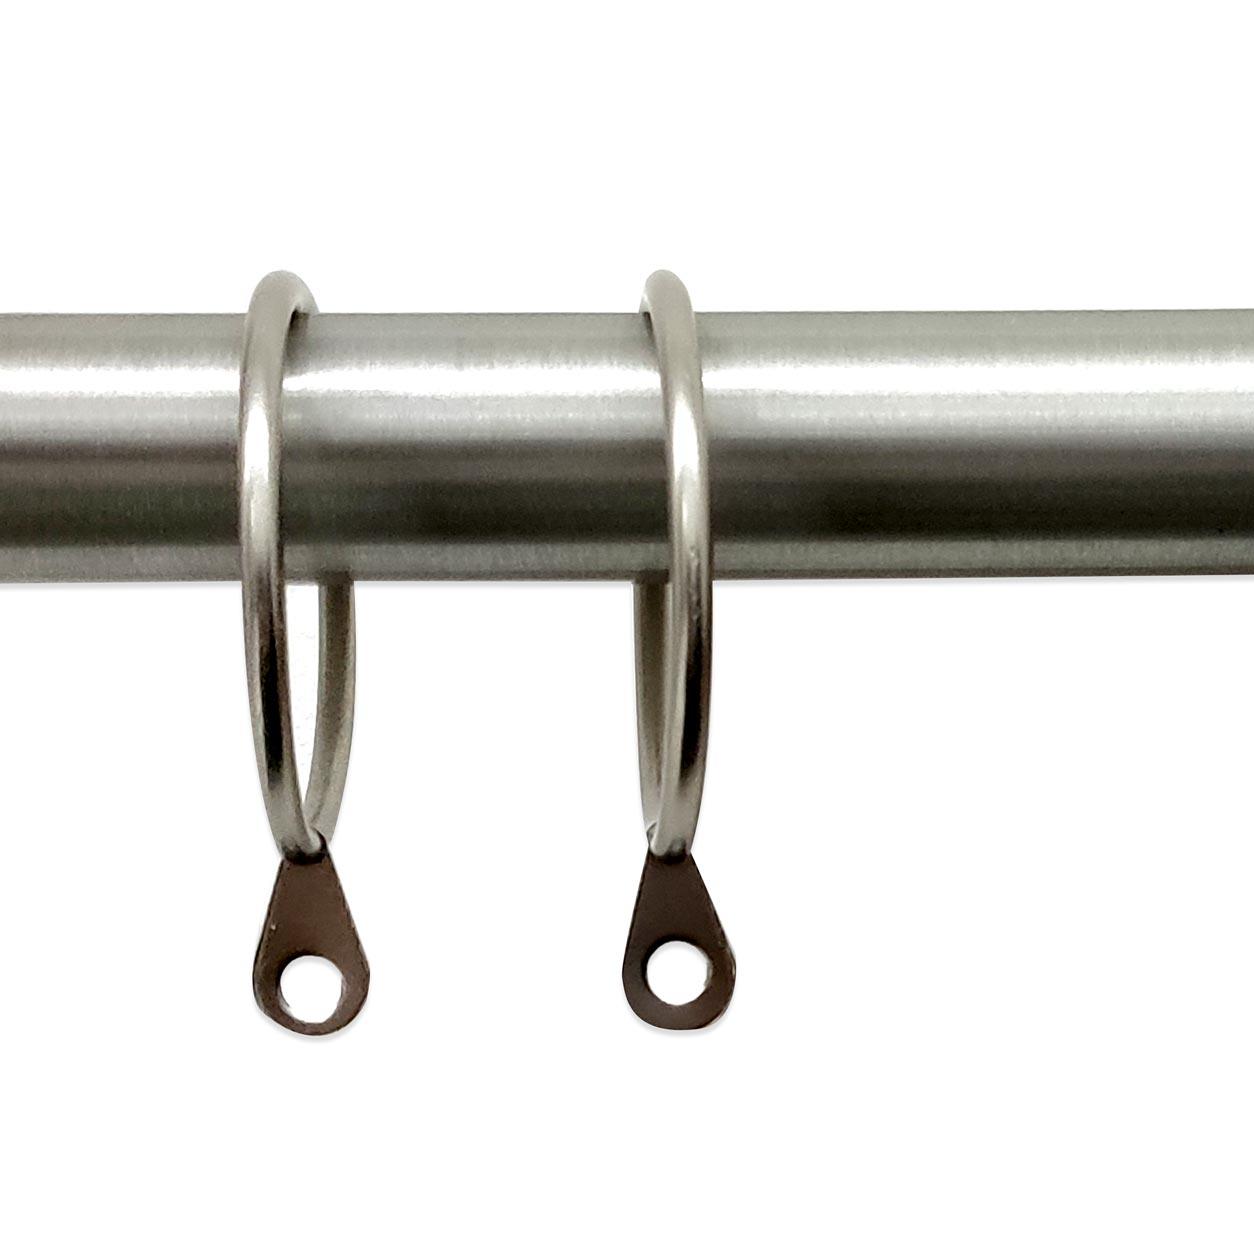 Anelli per Bastoni Diametro 36 mm - Satinato - 10 pz